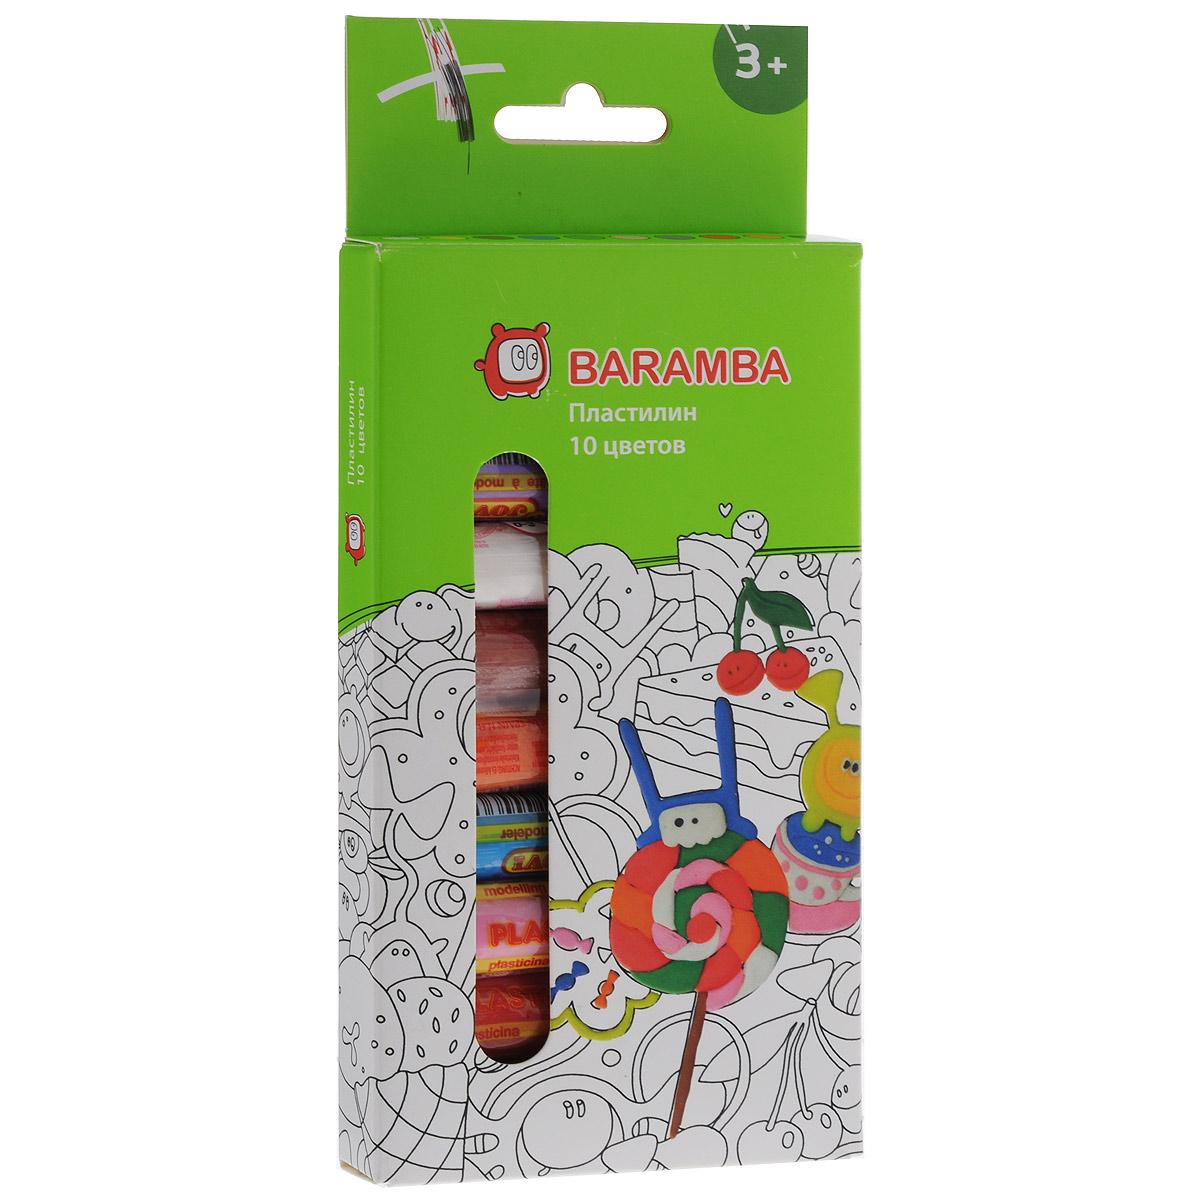 Пластилин Baramba, 10 цветов33303Пластилин Baramba - это отличная возможность познакомить ребенка с еще одним из видов изобразительного творчества, в котором создаются объемные образы и целые композиции. В набор входит пластилин 10 ярких цветов (белый, желтый, коричневый, синий, зеленый, розовый, фиолетовый, красный, оранжевый, черный). Цвета пластилина легко смешиваются между собой, и таким образом можно получить новые оттенки. Пластилин на растительной основе, содержит натуральные масла и воск, очень мягкий, легко смешивается друг с другом и не липнет к рукам.Техника лепки богата и разнообразна, но при этом доступна даже маленьким детям. Занятие лепкой не только увлекательно, но и полезно для ребенка. Оно способствует развитию творческого и пространственного мышления, восприятия формы, фактуры, цвета и веса, развивает воображение и мелкую моторику.